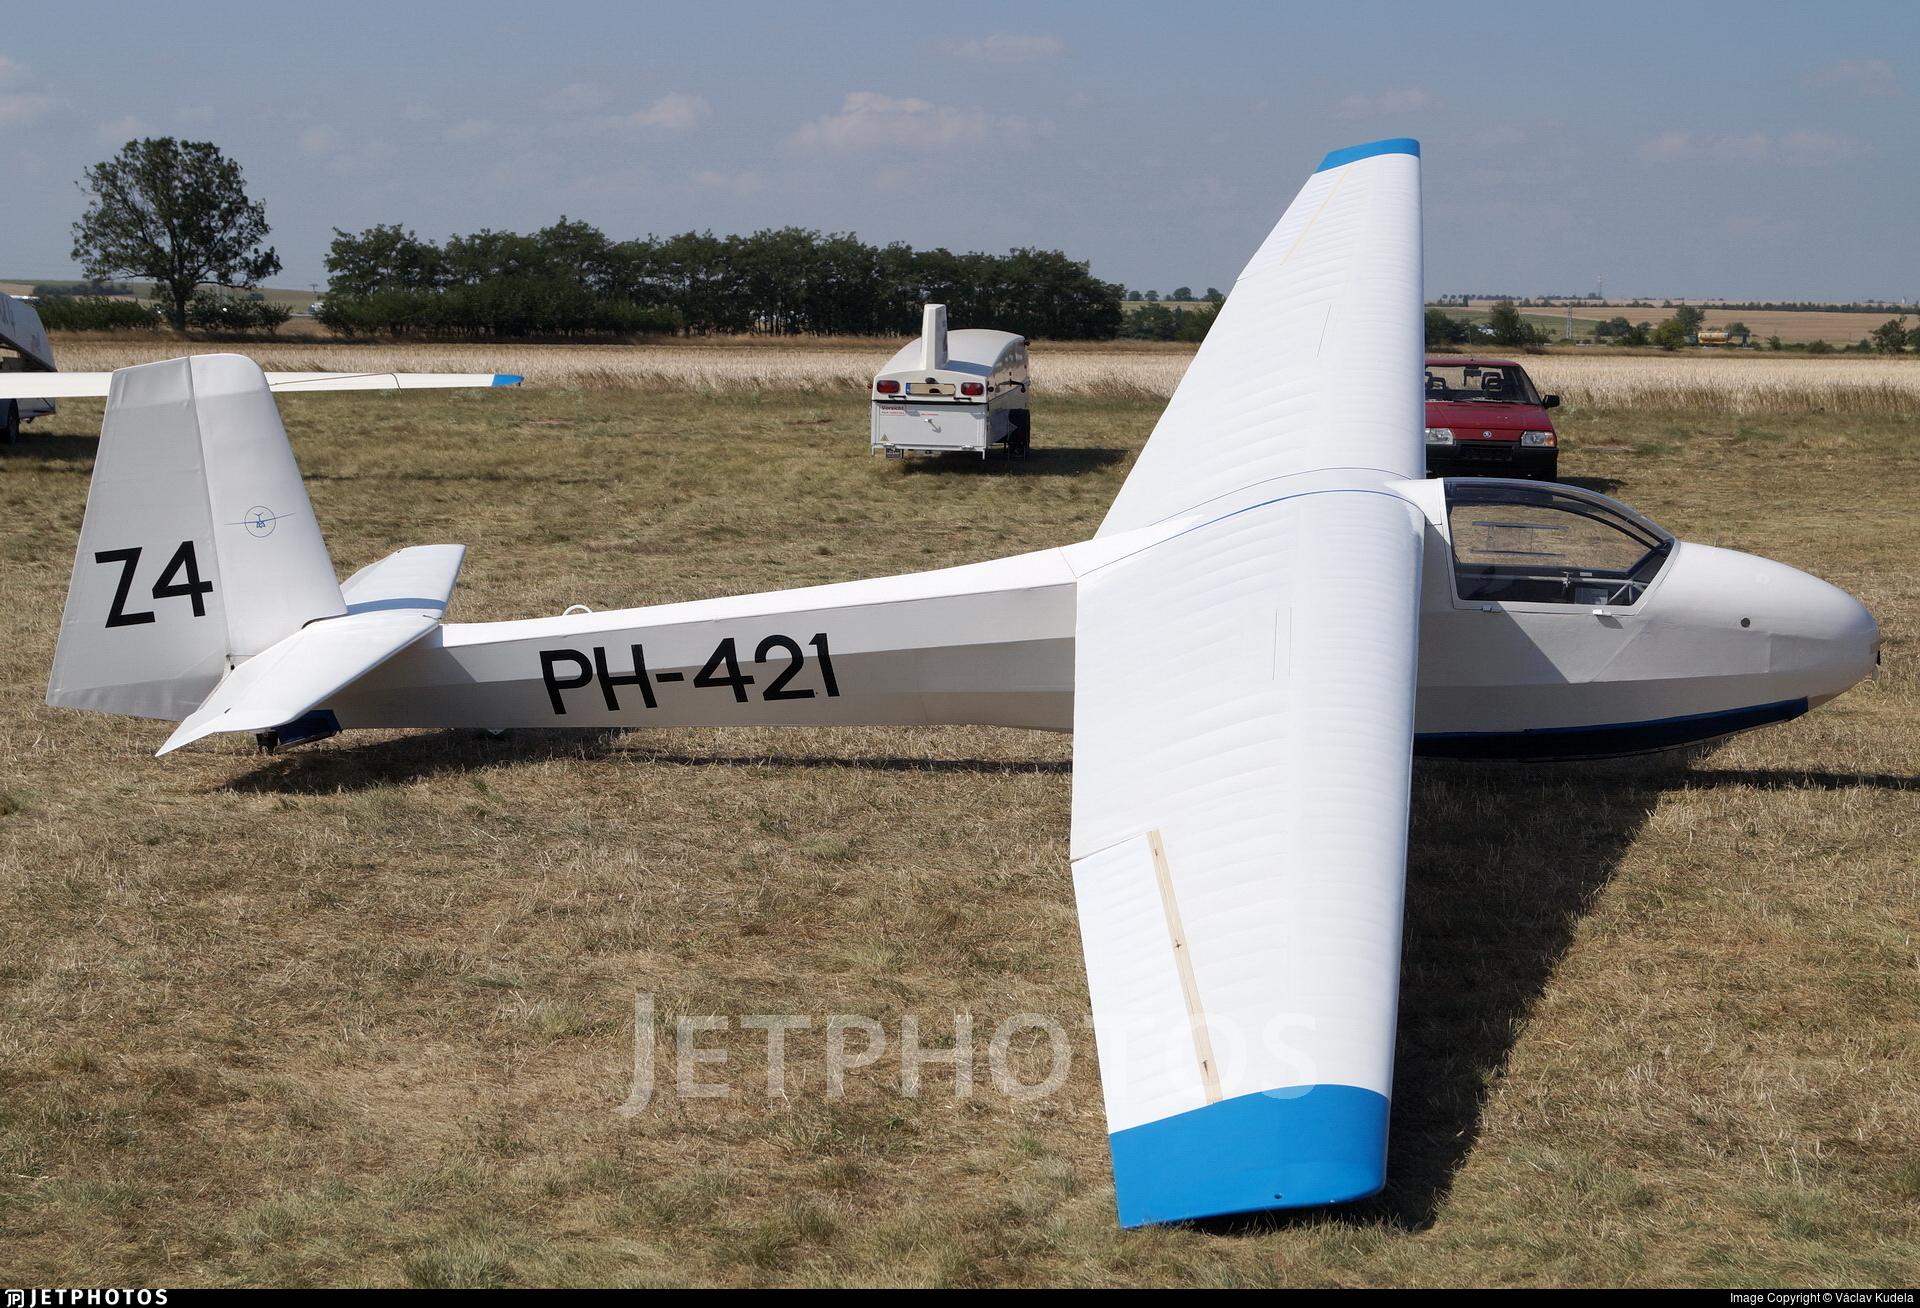 PH-421 - Schleicher K-8B - Zweefvliegclub Eindhovense Studenten